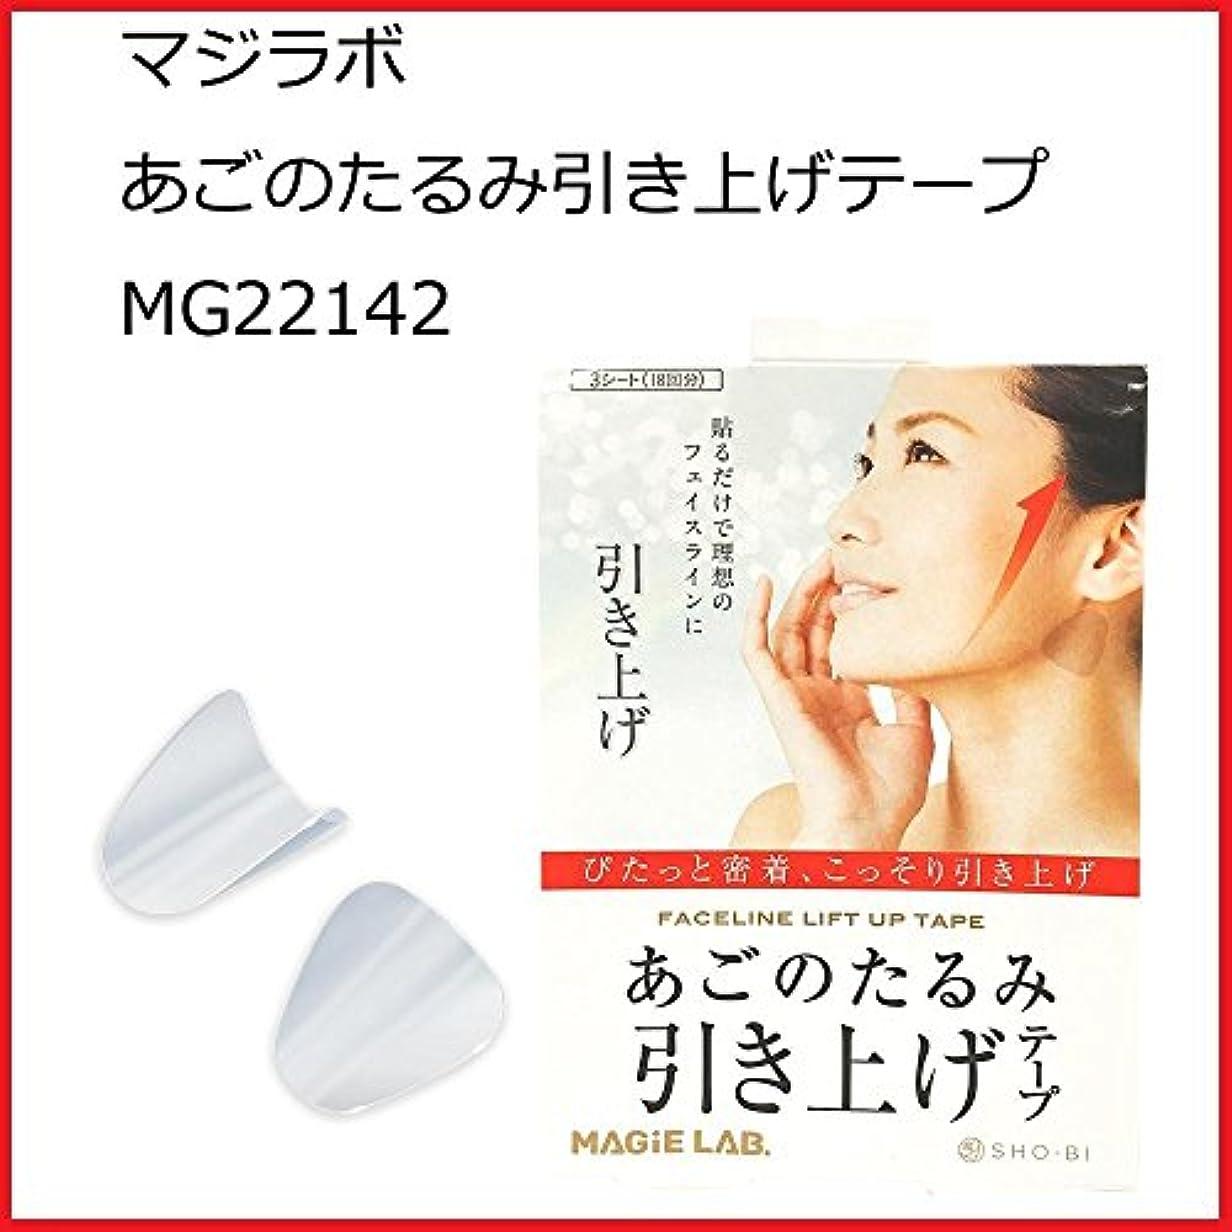 続ける聴く暴露マジラボ あごのたるみ引き上げテープ MG22142